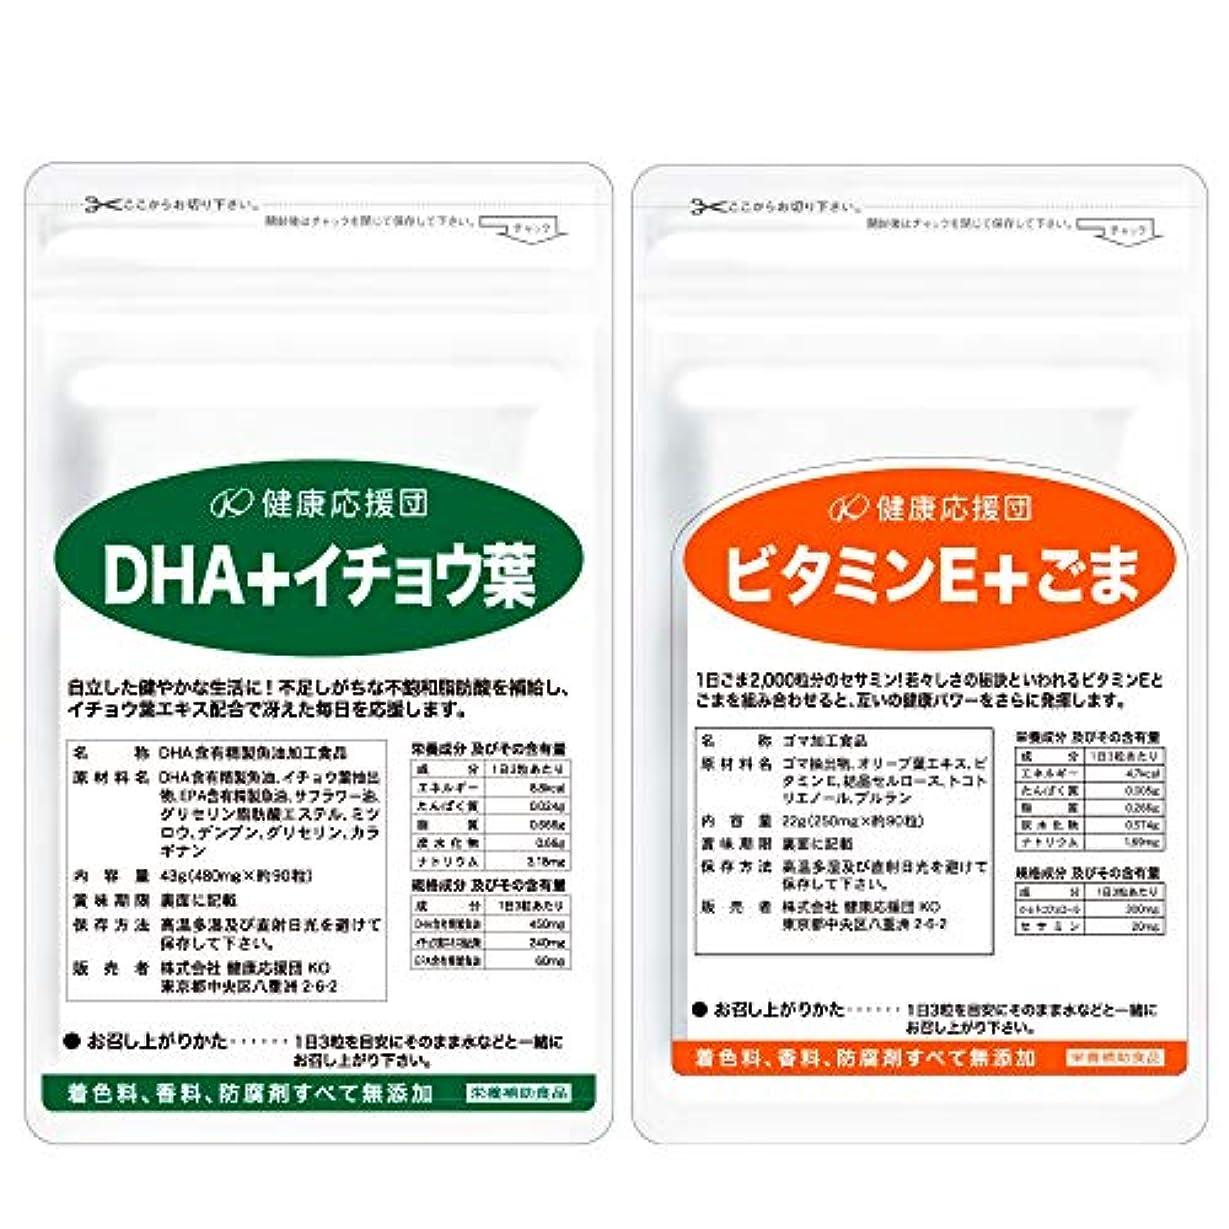 良心ご注意ピンチ(お徳用3か月分)毎日元気セット(ビタミンE+ごま)+(DHA+イチョウ葉エキス) 3袋&3袋セット(DHA?EPA?ビタミンE?セサミン)